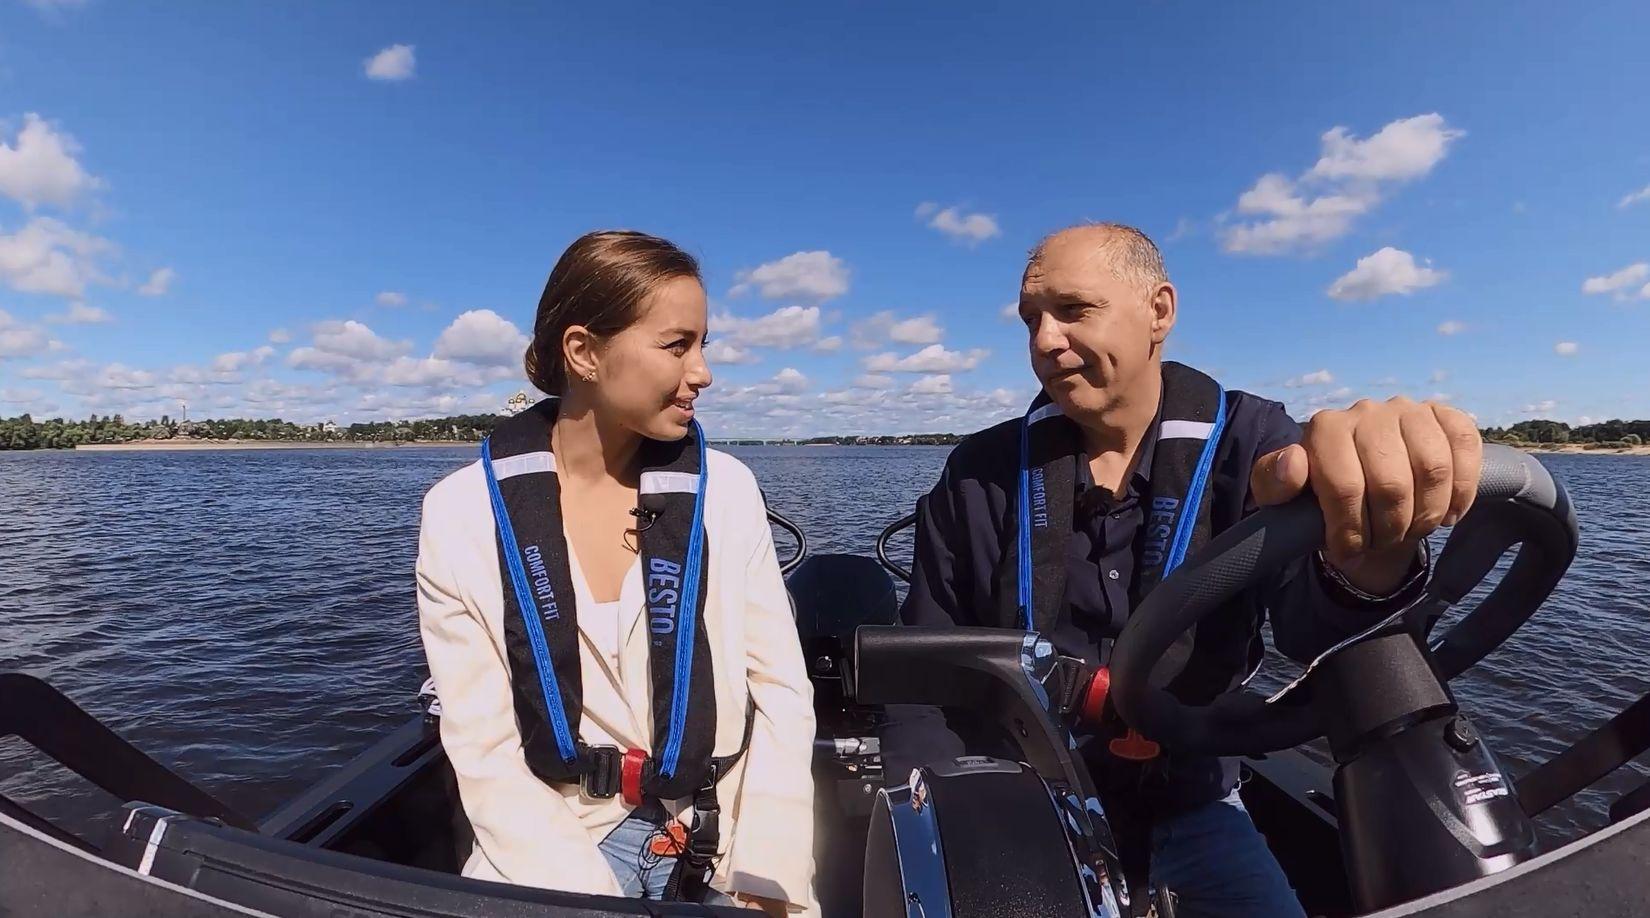 Эксклюзивное интервью Александры Панкратовой с Андреем Шепеляевым: о производстве нового катера в Ярославской области